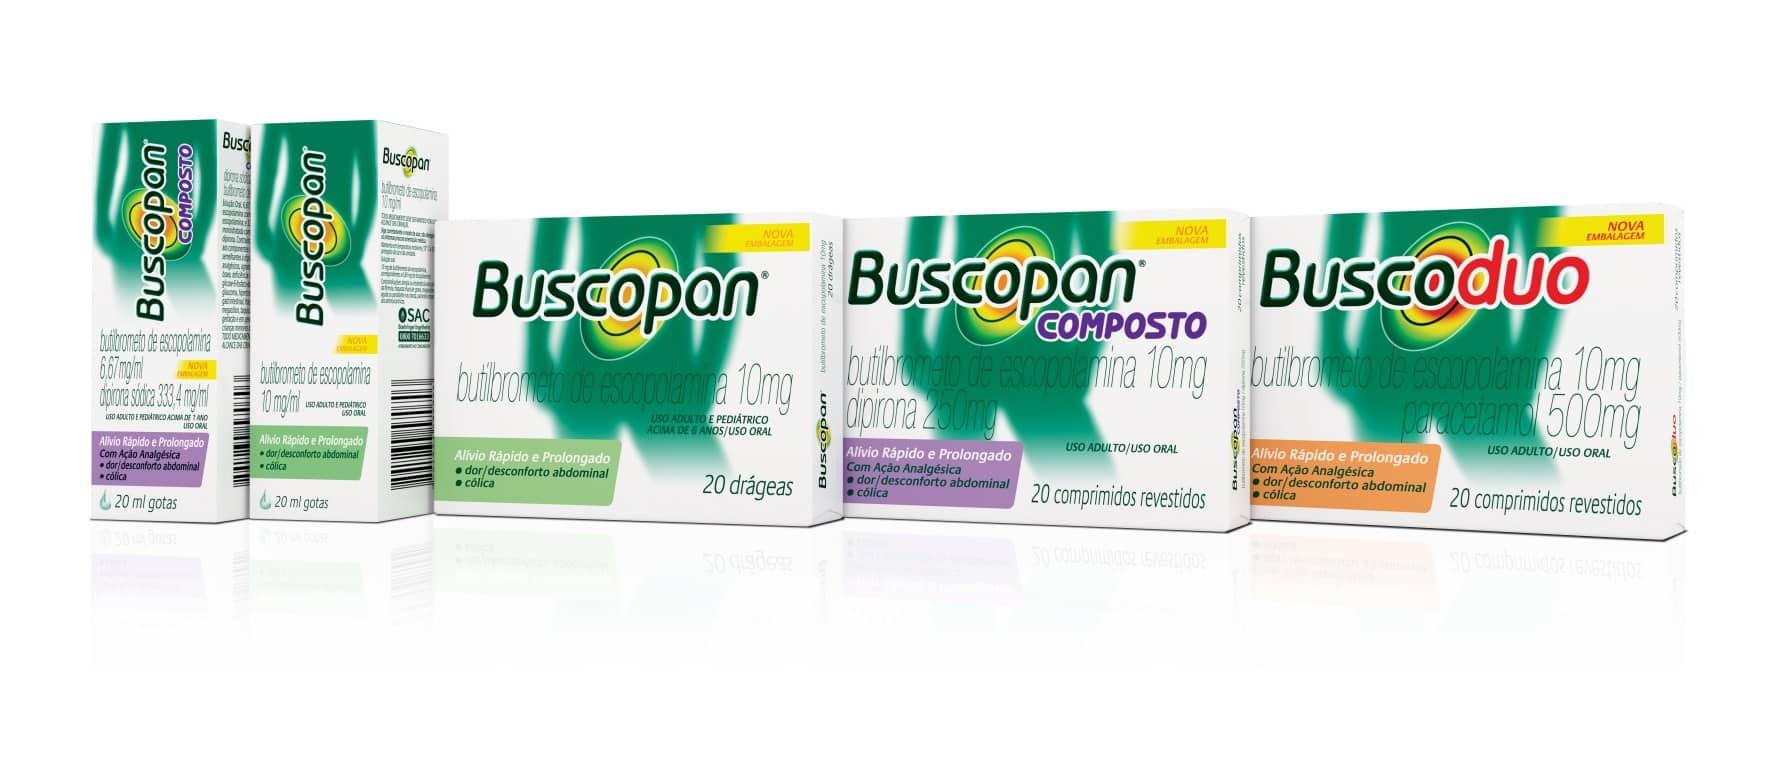 Buscopan_Packshot_Novo-1771-x-767